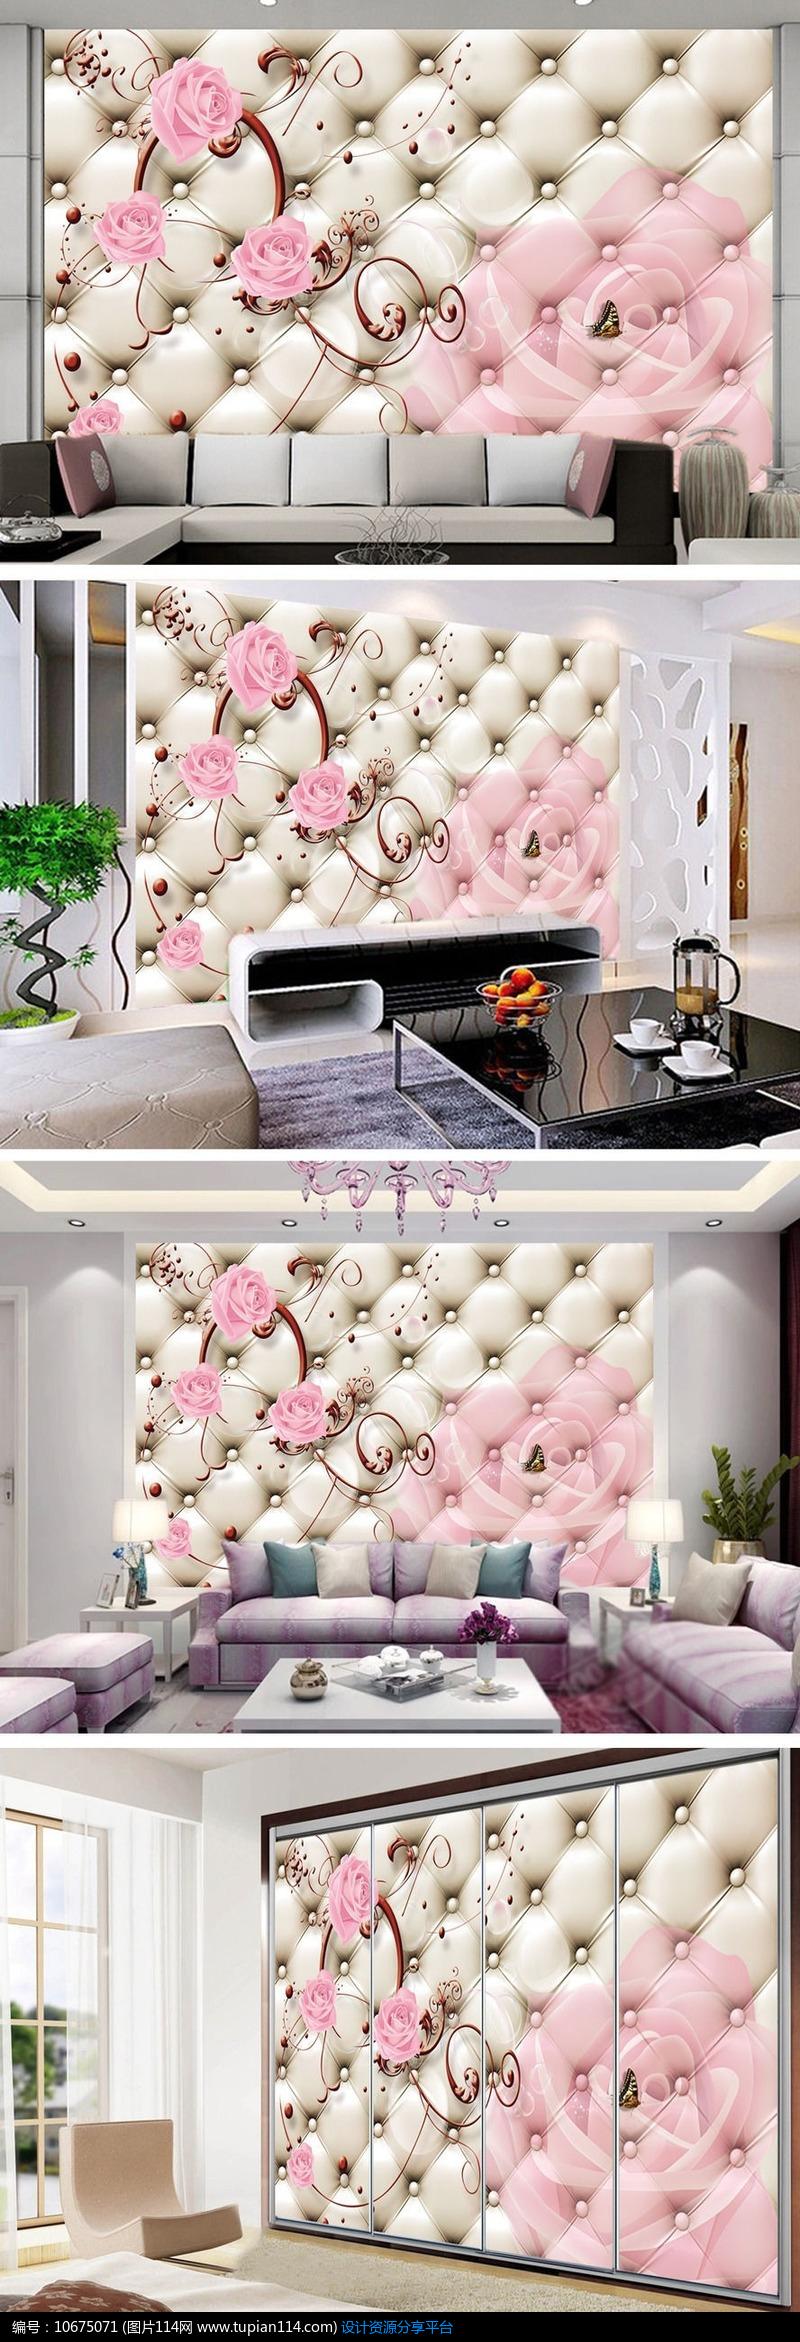 [原创] 3d欧式花纹玫瑰电视背景墙